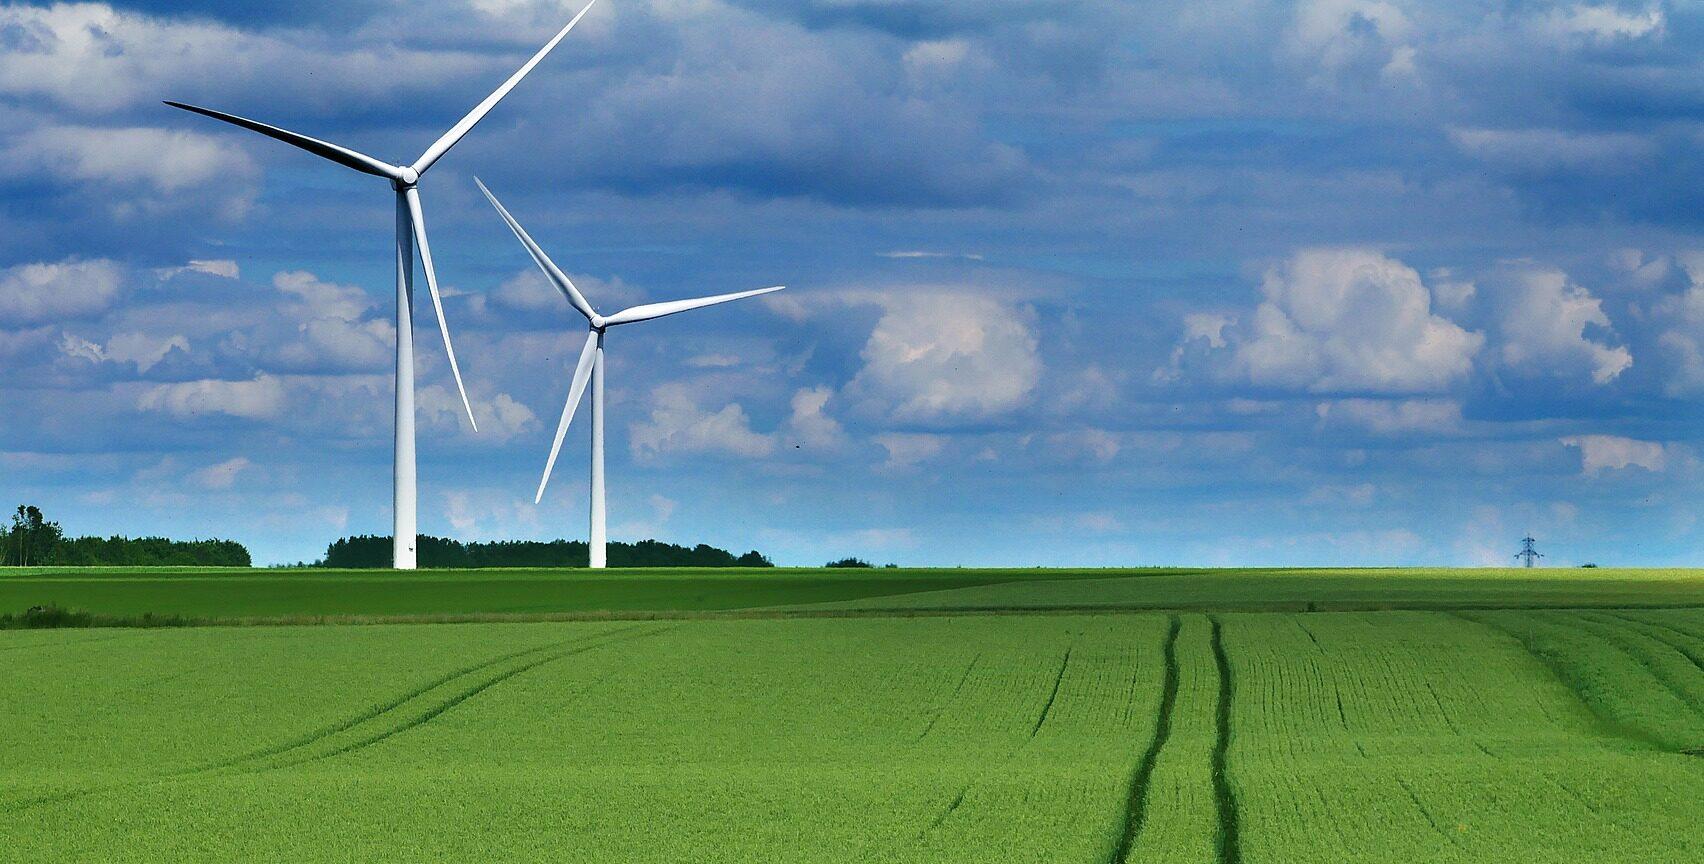 """Fares Kilzie: """"Europe's 'Green Deal' must become a Eurasian Green Deal"""""""